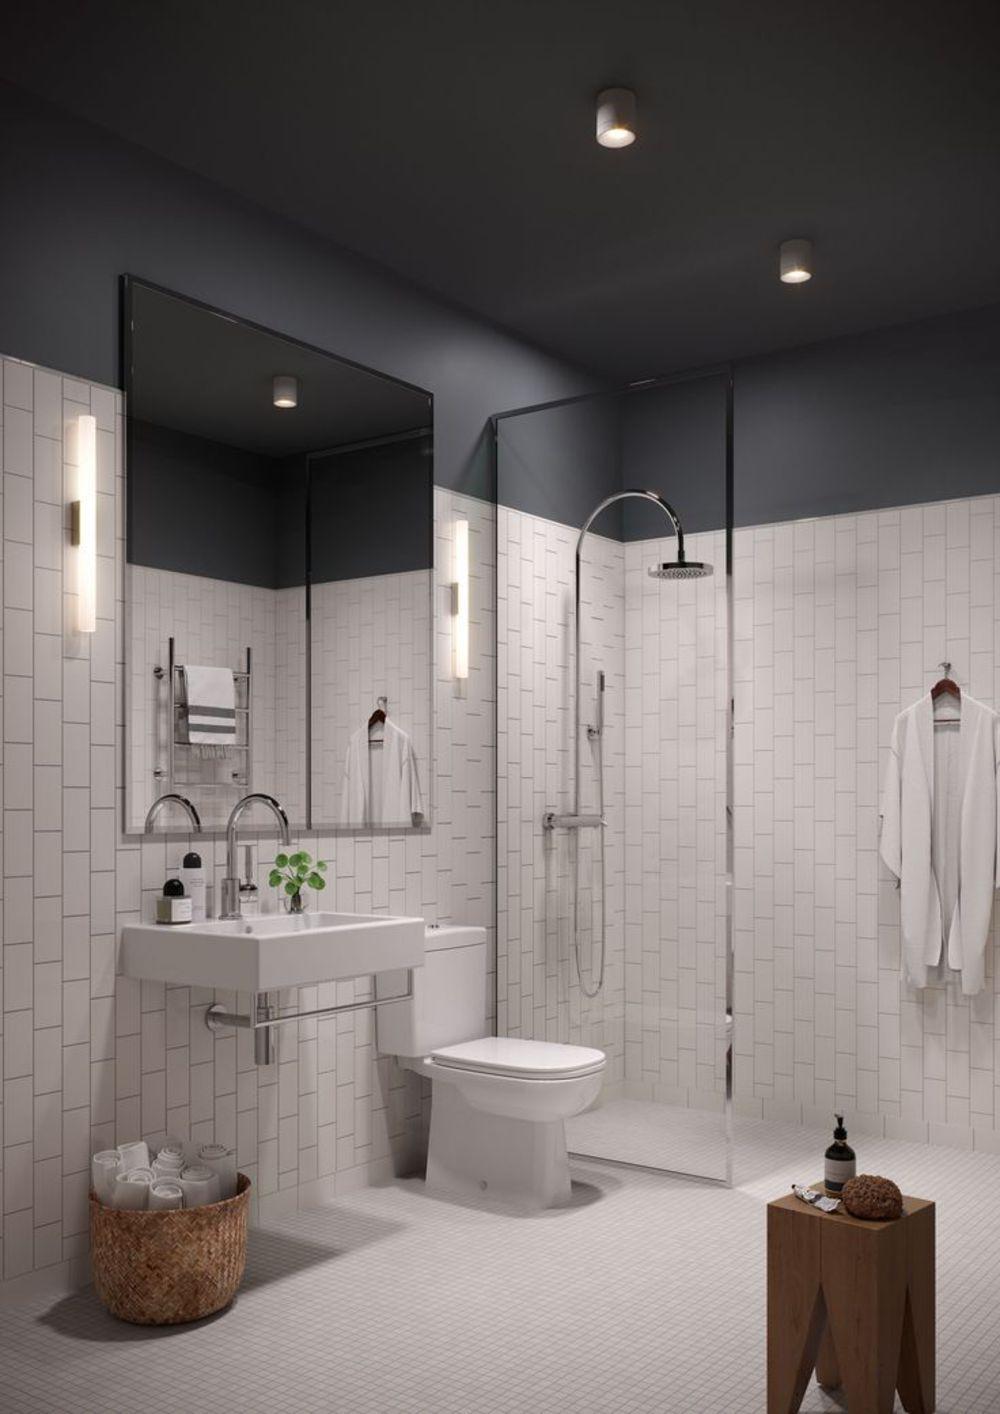 Idée Peinture Petite Salle De Bain idées peinture plafond | relooking de petite salle de bain